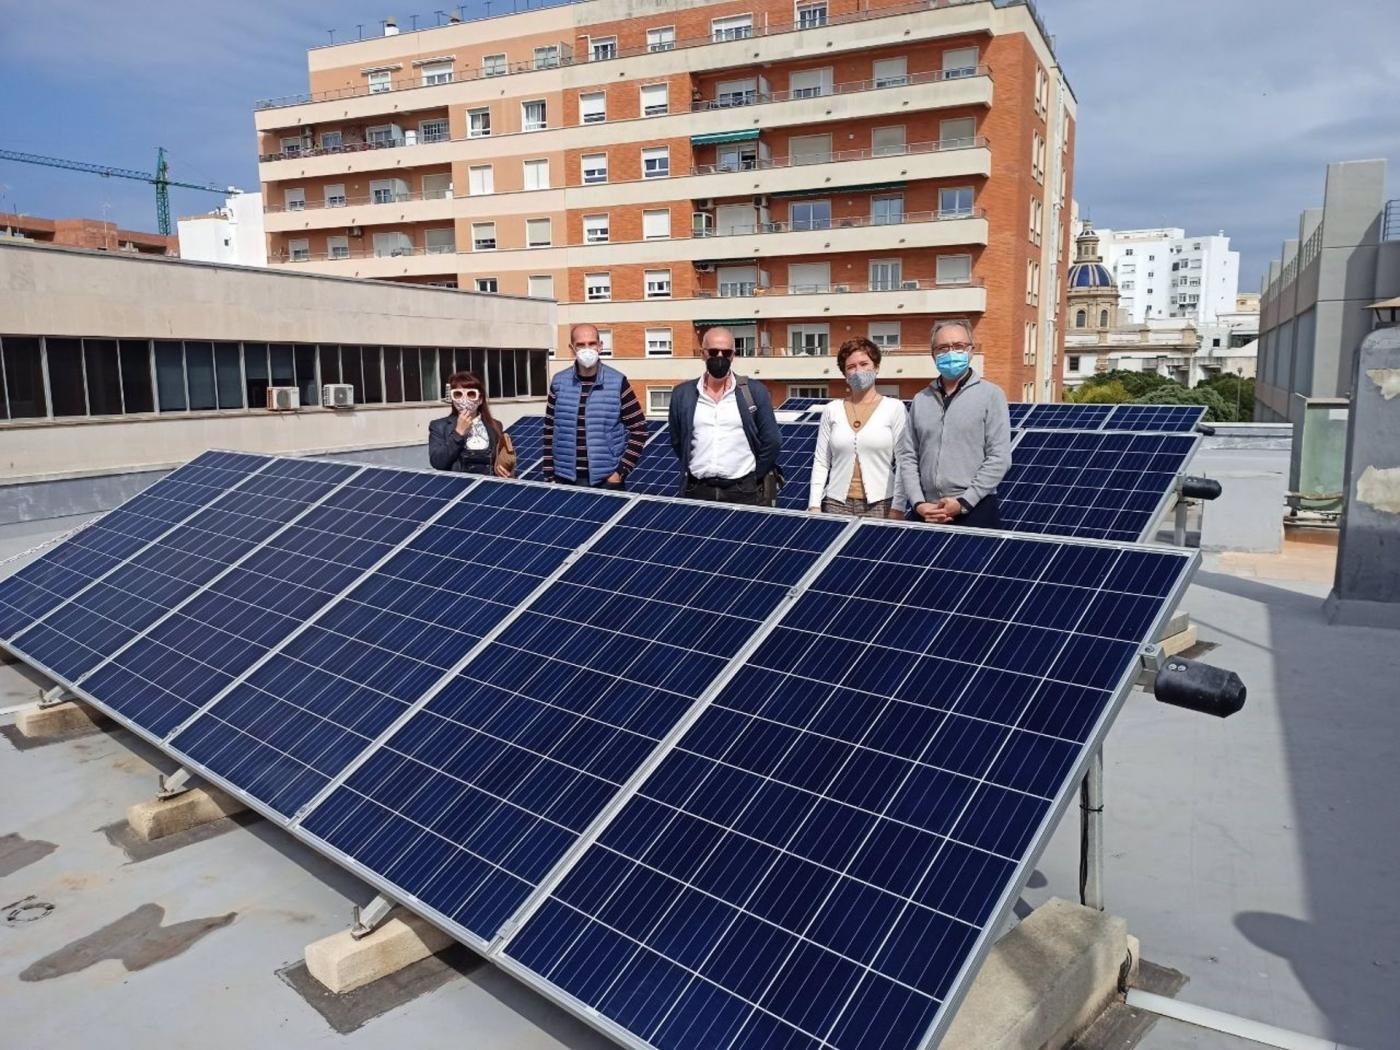 Estudian colocar una planta fotovoltaica de autoconsumo en el Mercado Central de Cádiz